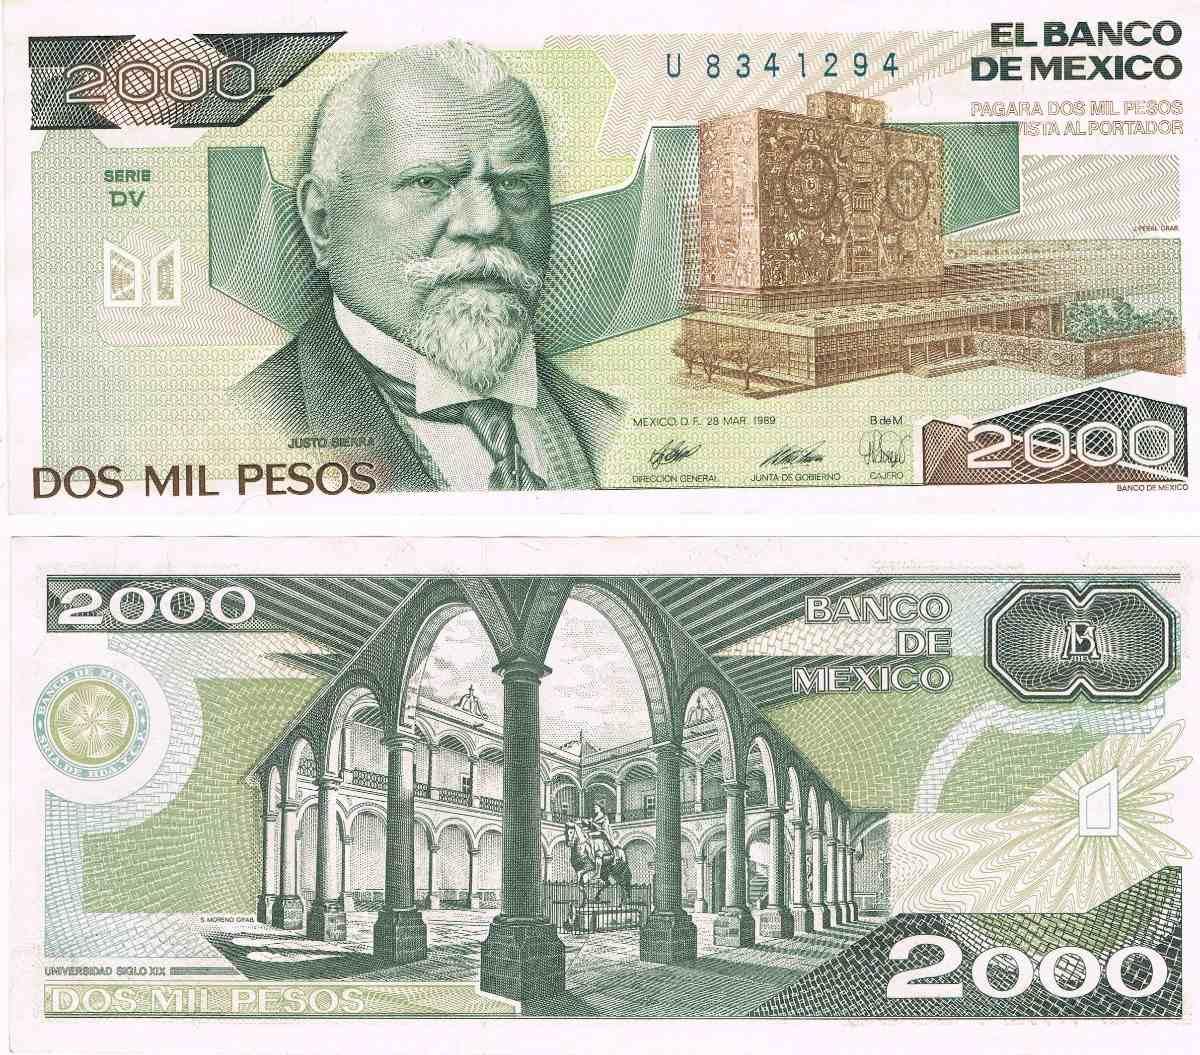 Resultado de imagen para billete de 2000 pesos mexicanos